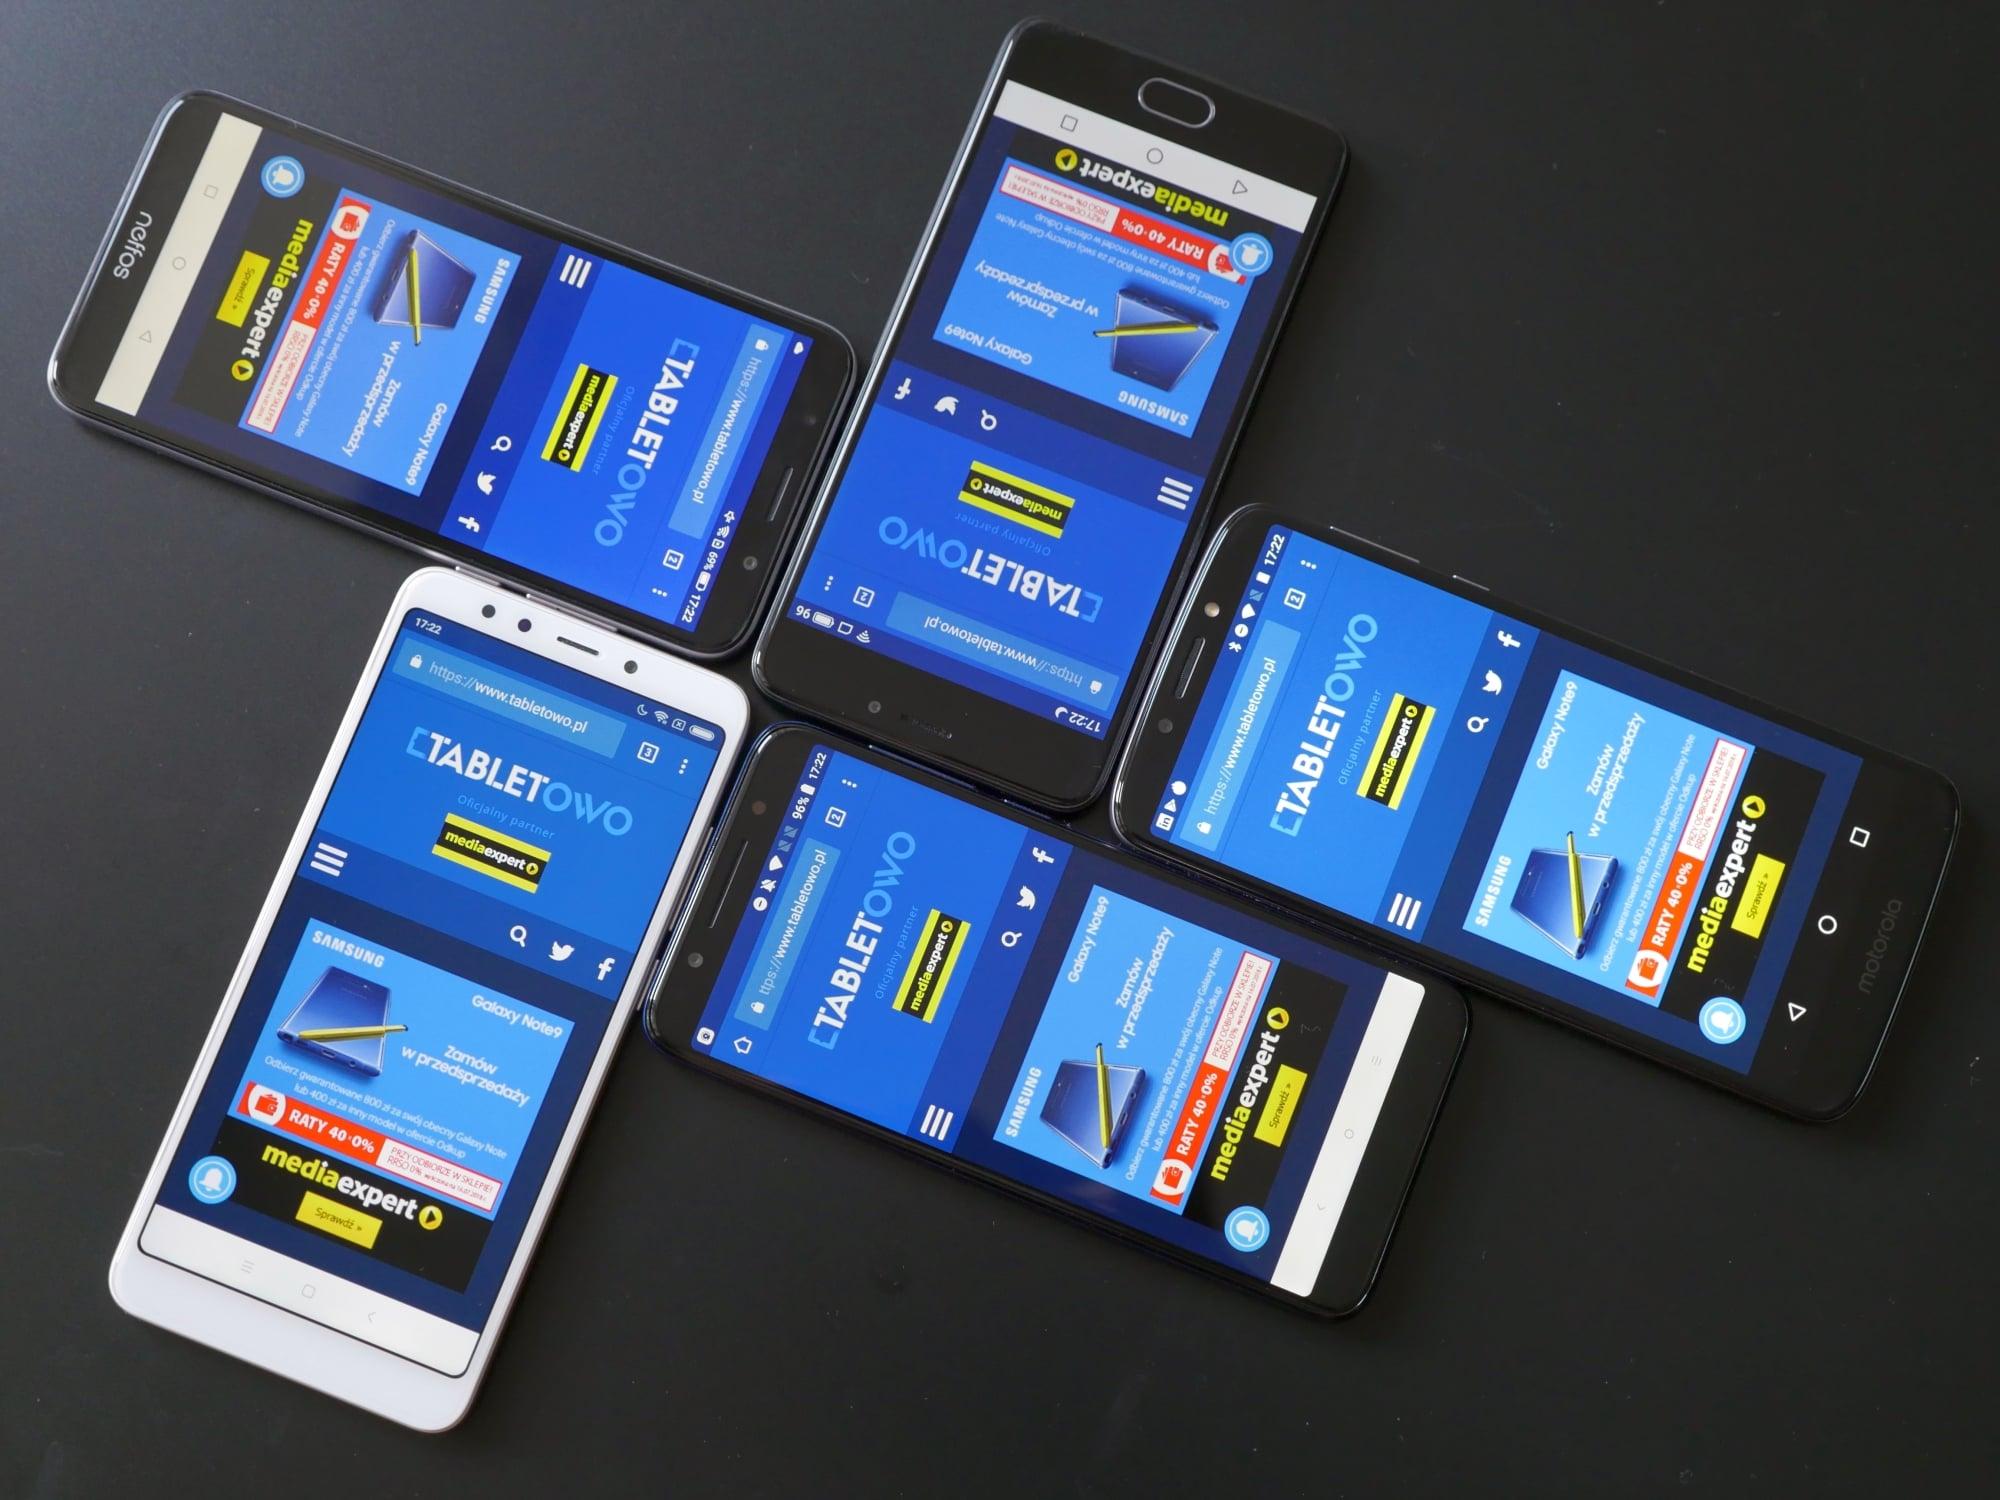 Gdybym dzisiaj kupował smartfon, to chciałbym, żeby miał takie parametry